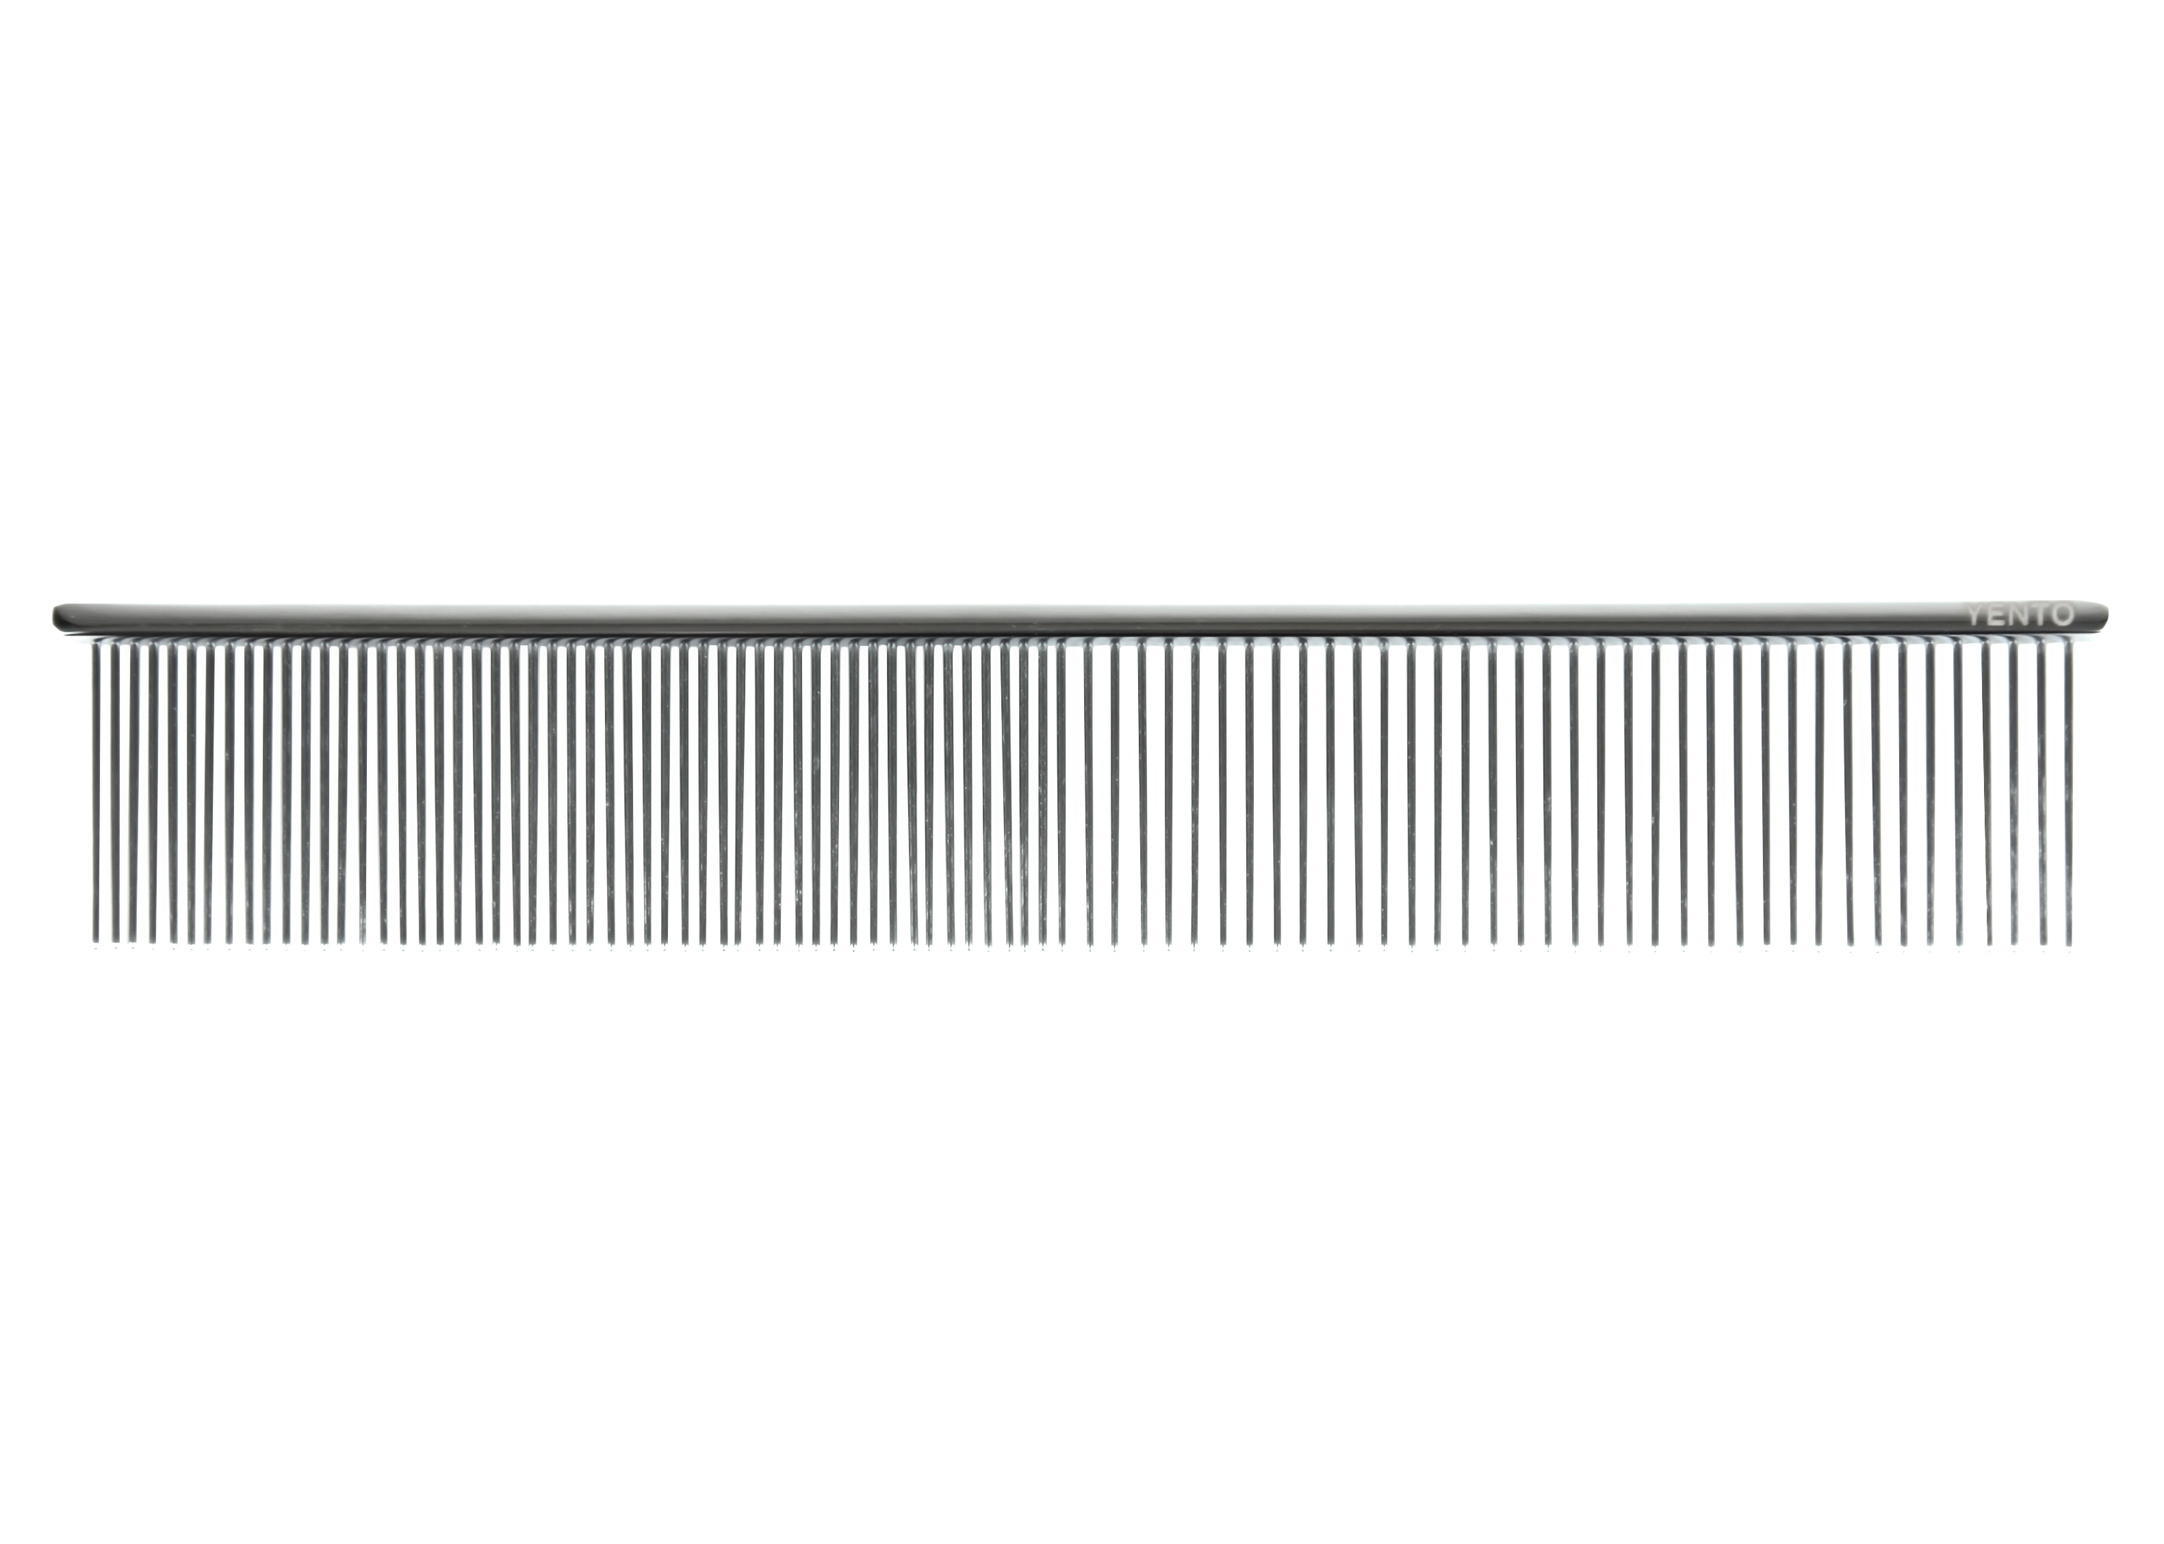 Yento Special Scissoring Comb 19cm Comb